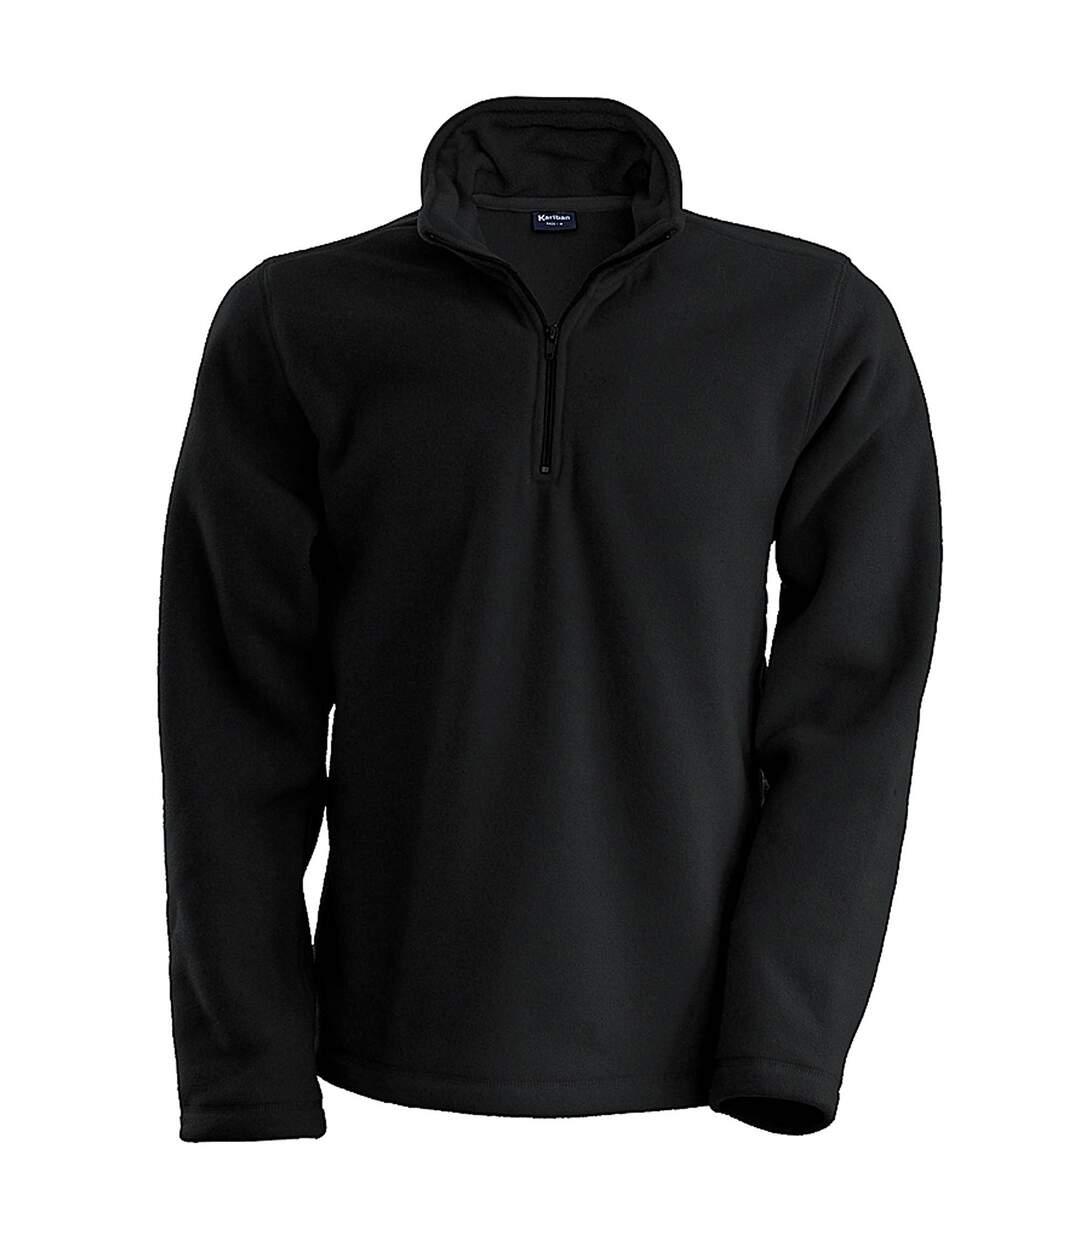 Kariban Mens Enzo 1/4 Zip Fleece Top (Black) - UTRW738